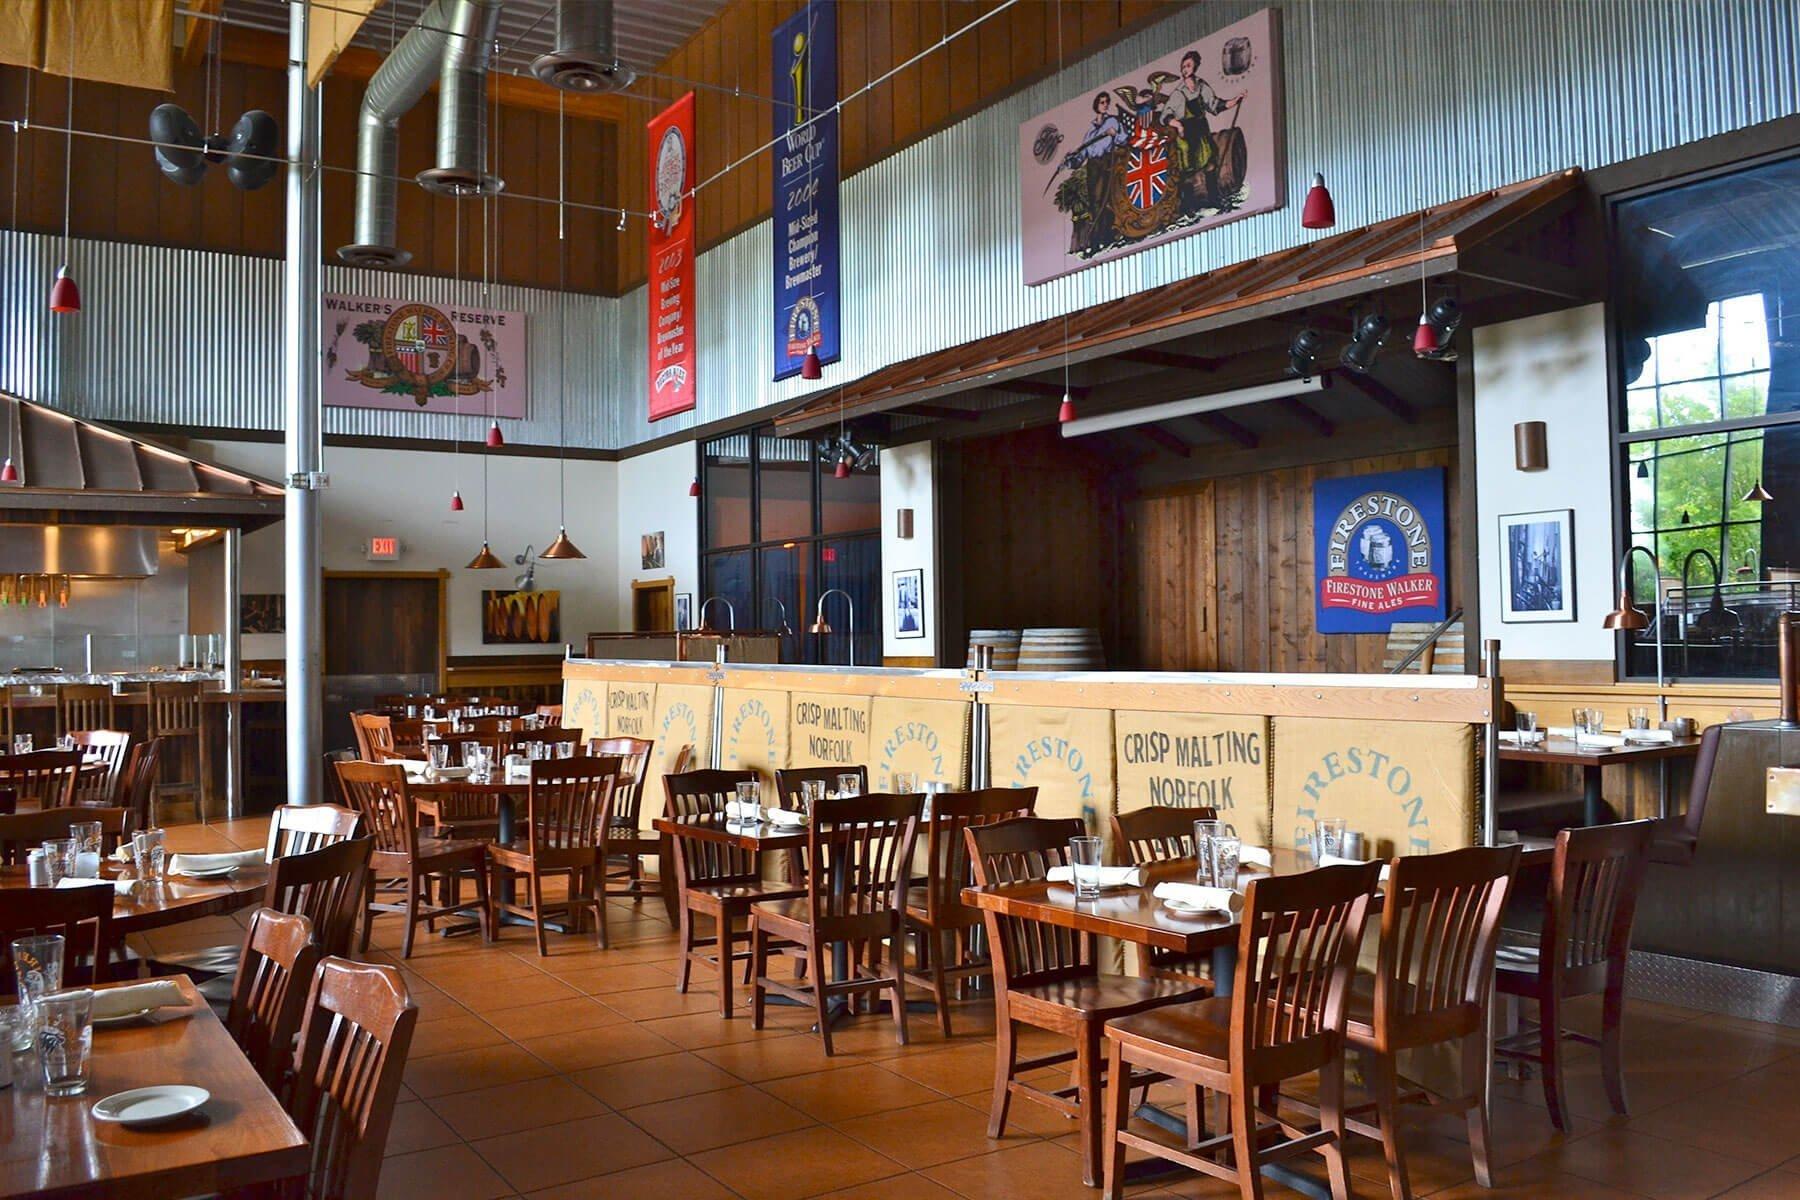 Firestone Walker Brewing Company Taproom Interior in Paso Robles, California